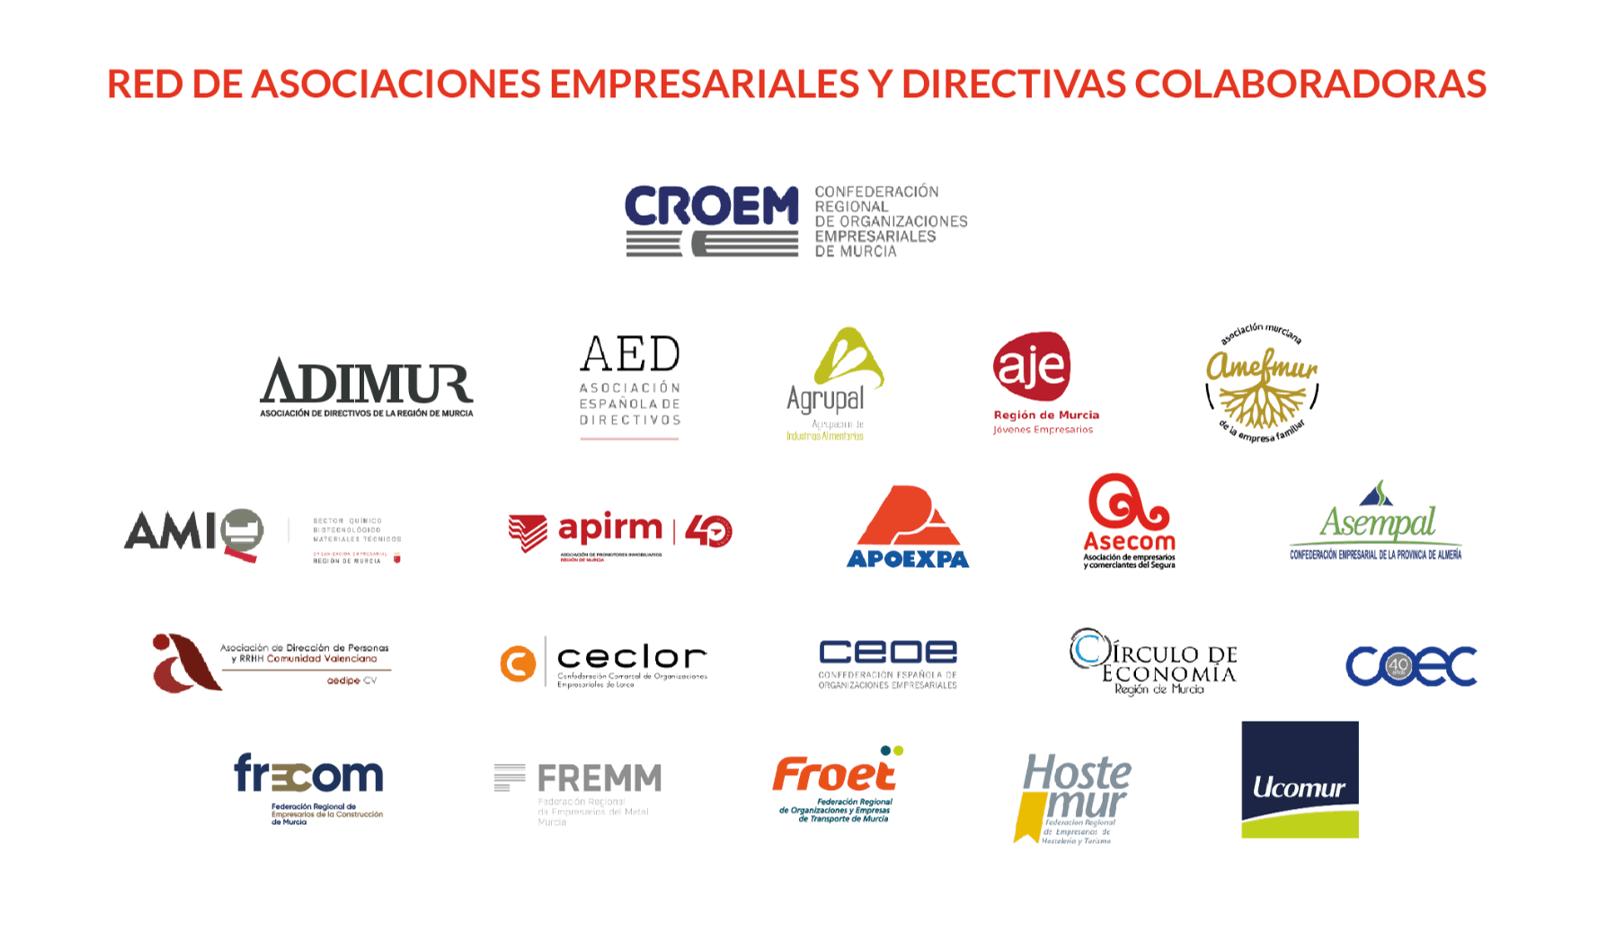 CROEM A LA CABEZA DE LA RED DE ASOCIACIONES EMPRESARIALES Y DIRECTIVAS COLABORADORAS